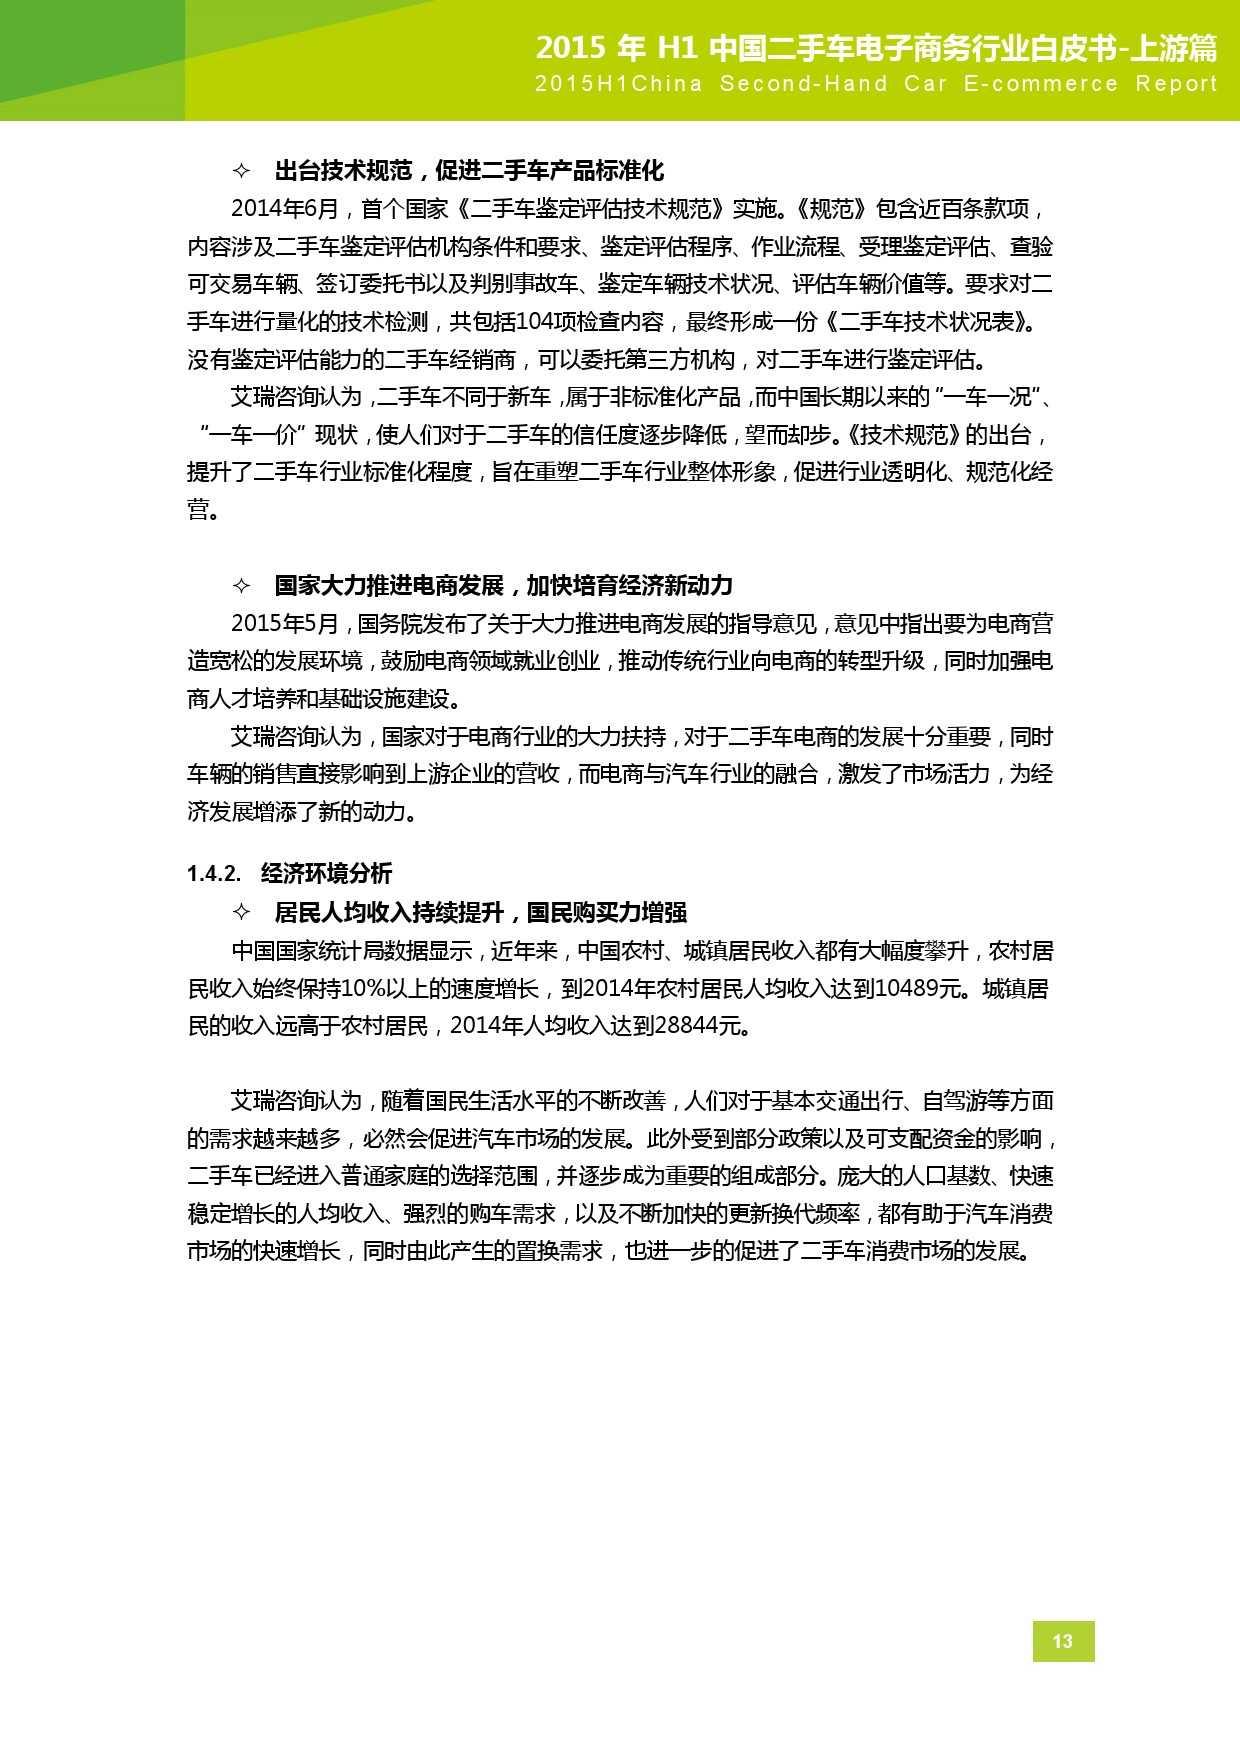 2015年中国二手车电子商务行业白皮书-上游篇_000014